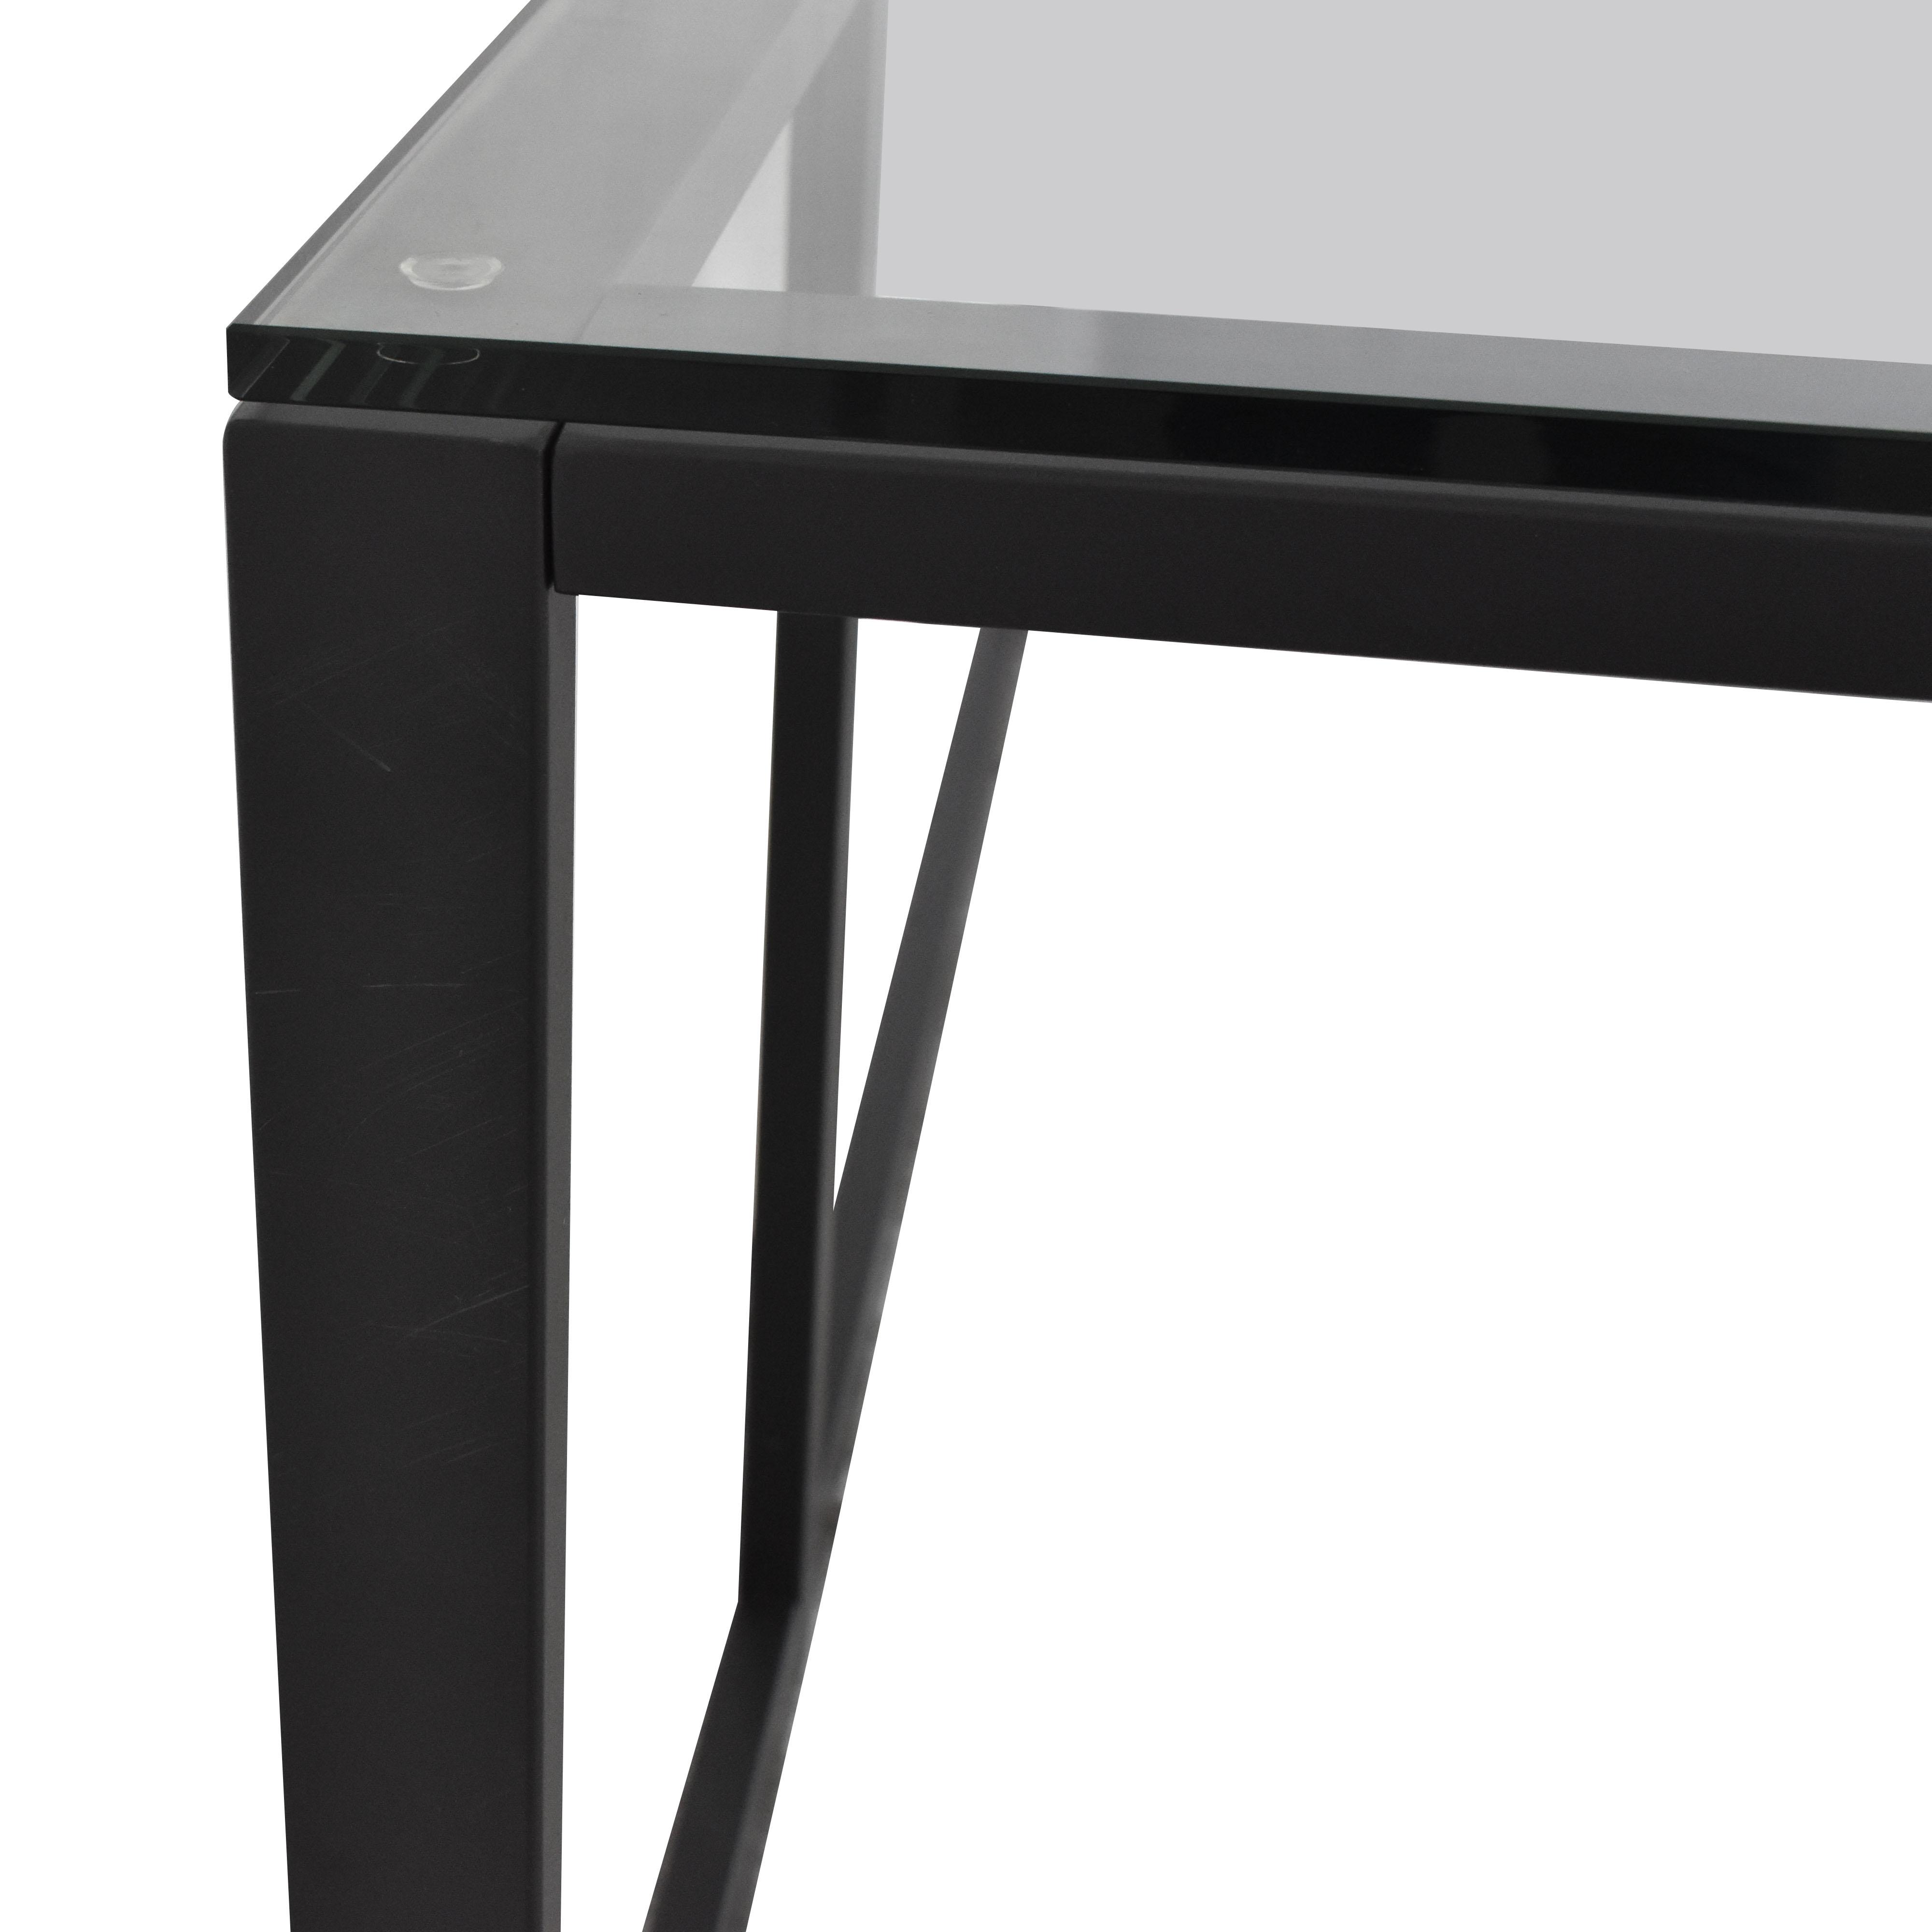 shop Crate & Barrel Pilsen Graphite Corner Desk Crate & Barrel Home Office Desks